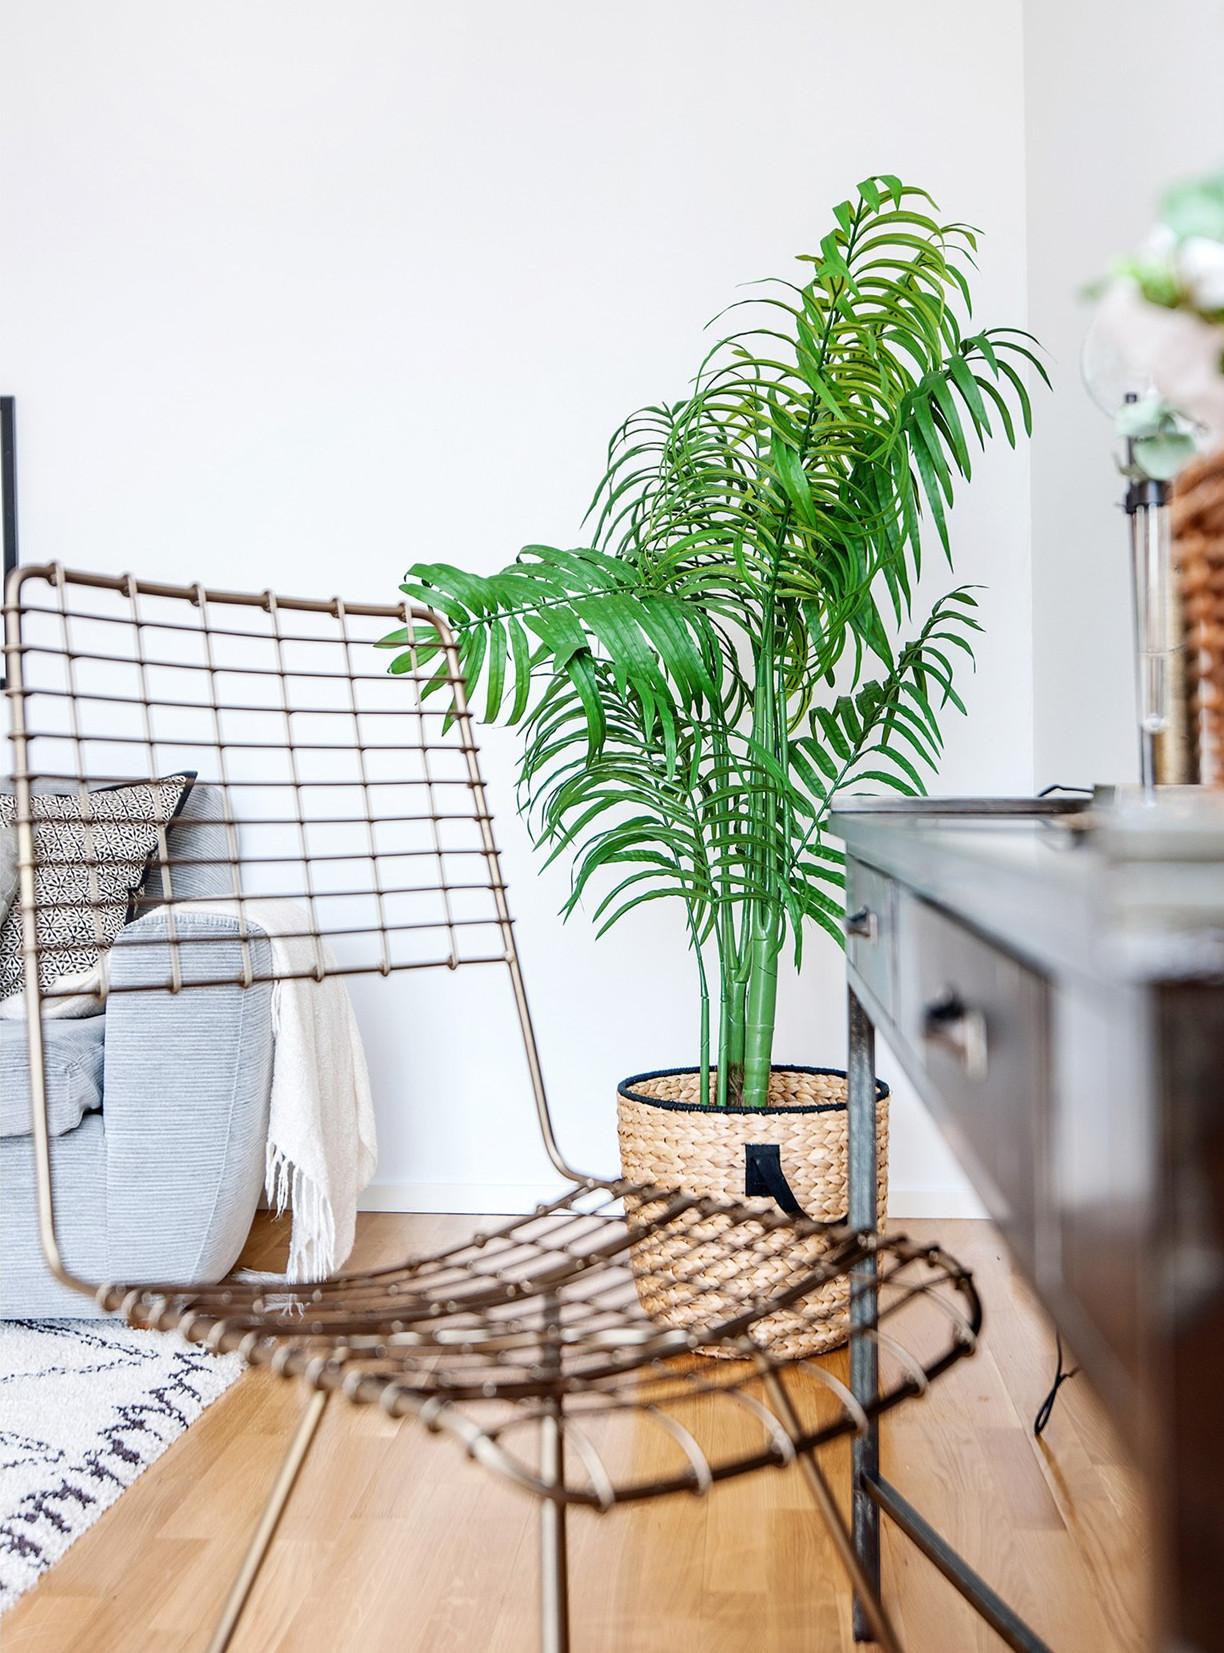 Shop the look: Stoere materialen, basic kleuren u0026 veel planten - Alles ...